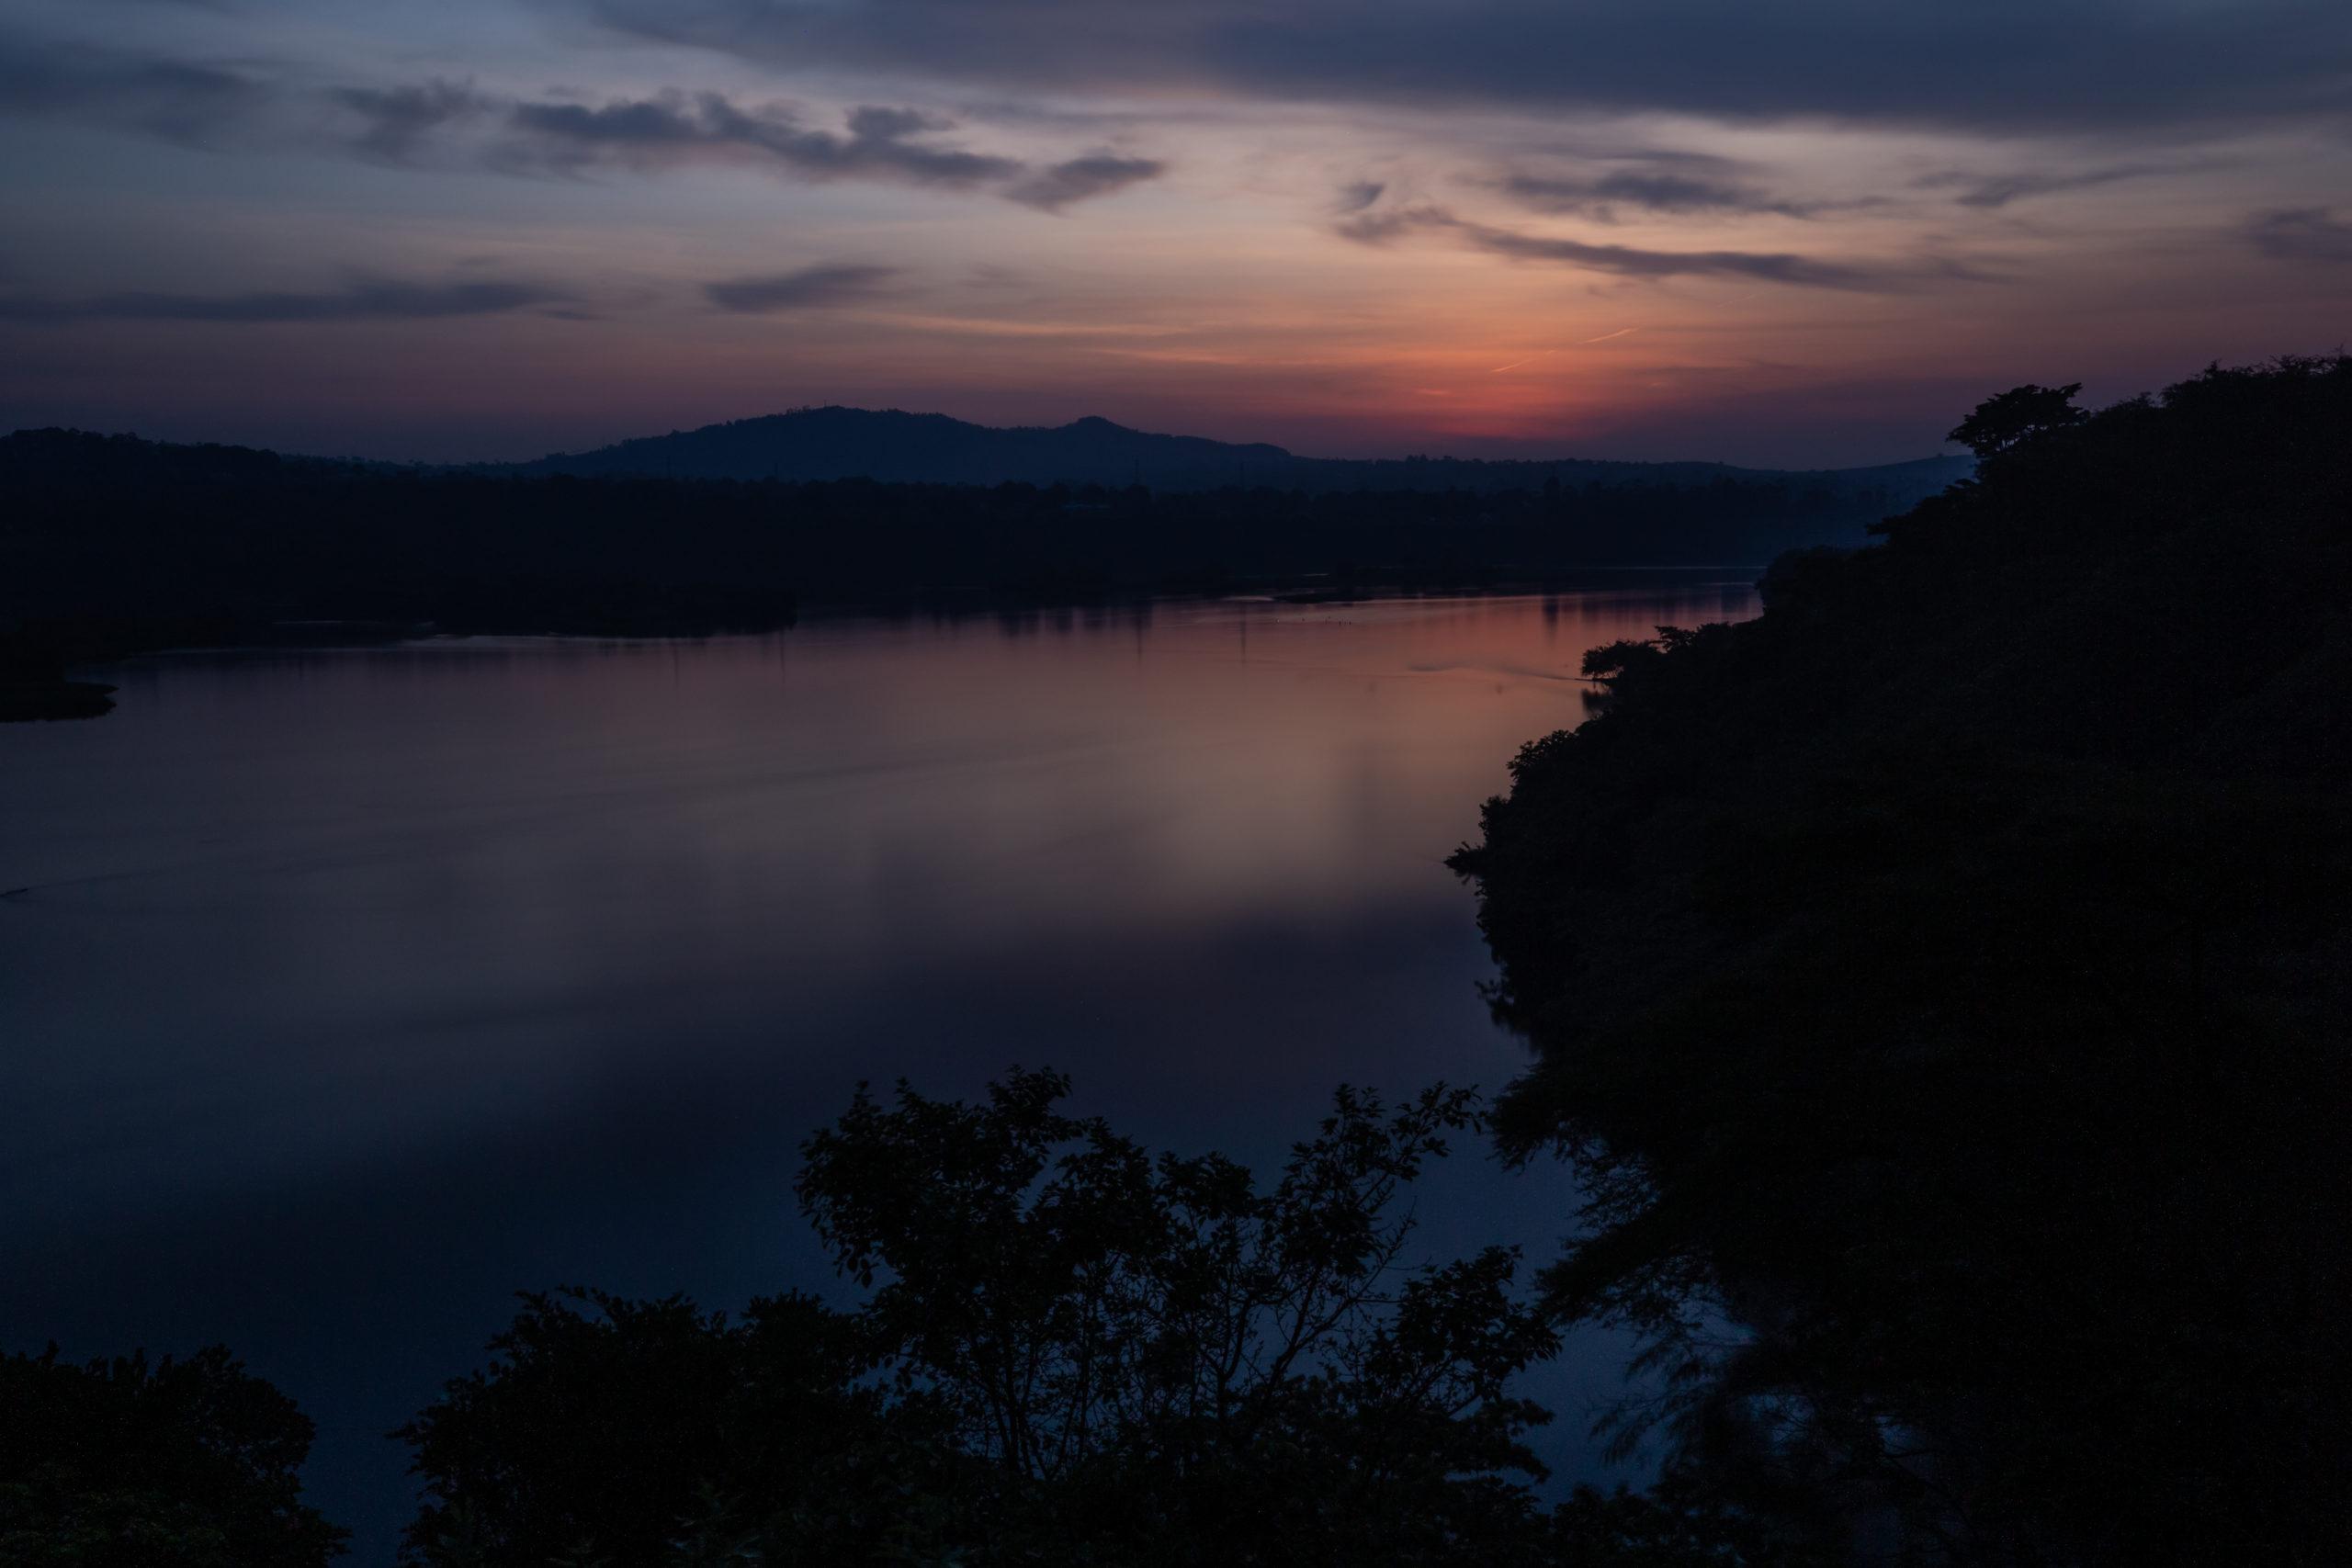 Nile River at sunset in Jinja, Uganda